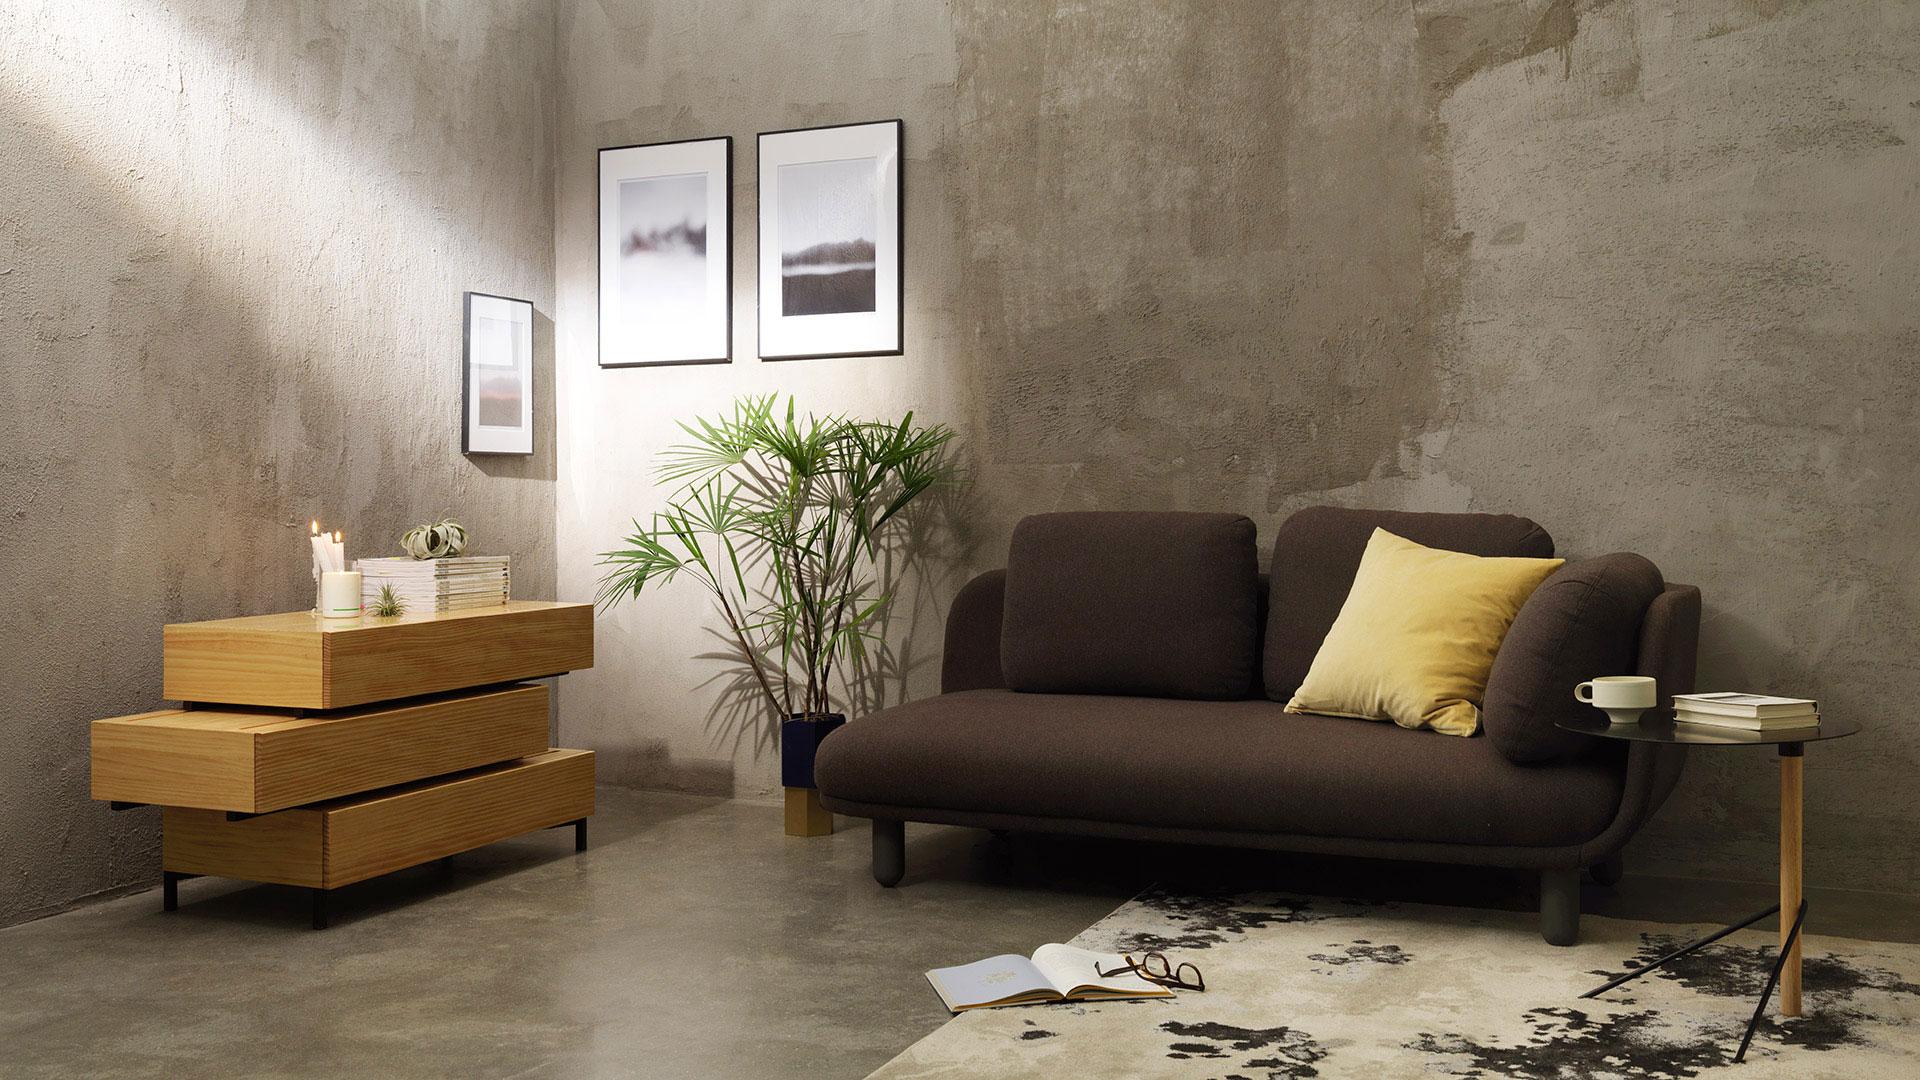 在客厅等空间里单独靠边使用,撑起空间基本体量,用最简洁的实木线条,营造出现代禅意的东方美感。